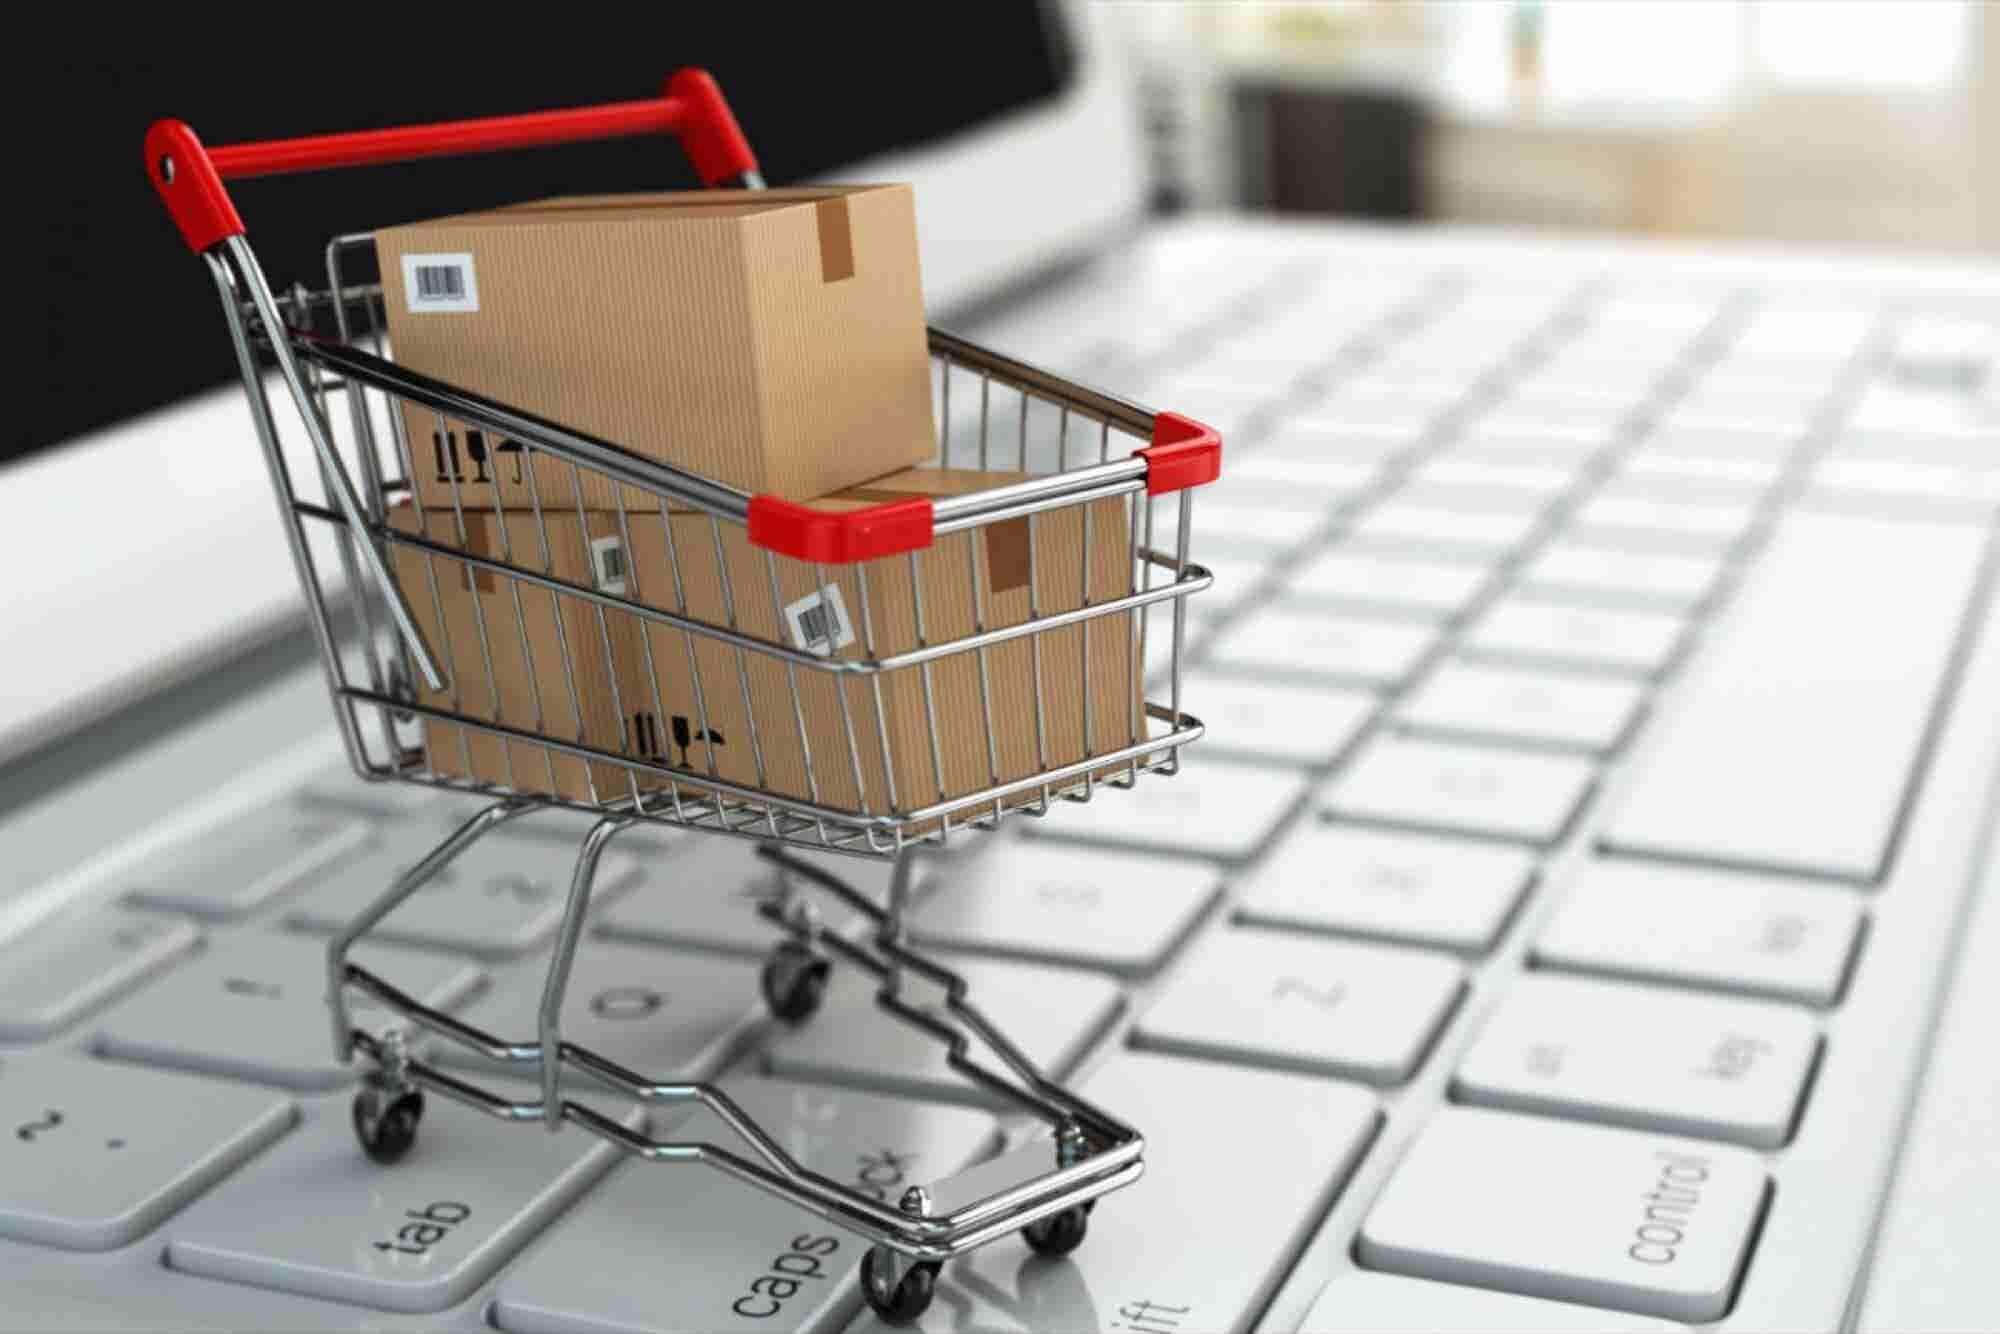 Guía de 7 pasos para preparar tu negocio para el Buen Fin